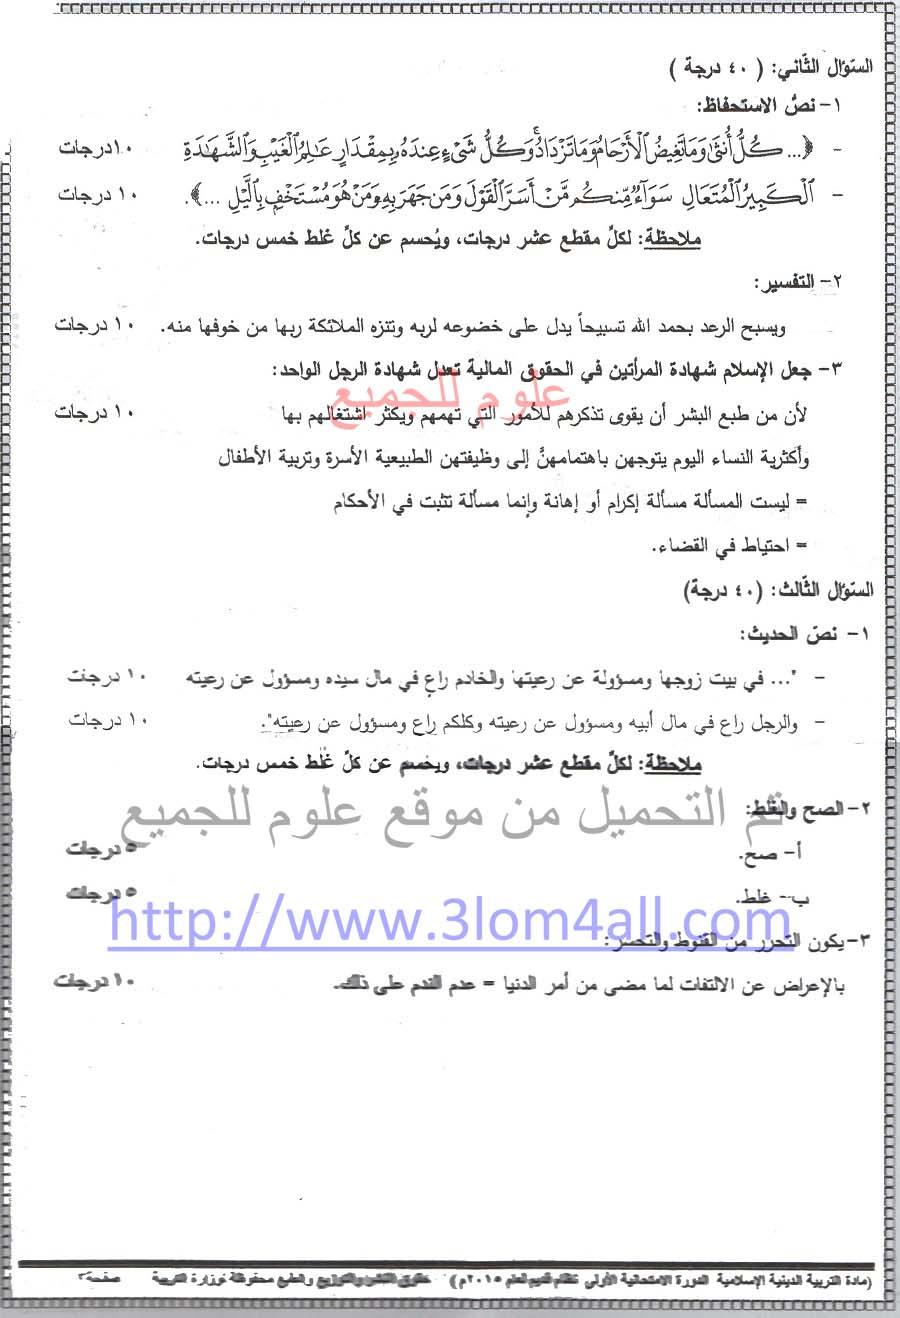 اسئلة امتحان مادة التربية الإسلامية  الديانة بكالوريا سوريا الفرع العلمي والأدبي 1463474771361.jpeg